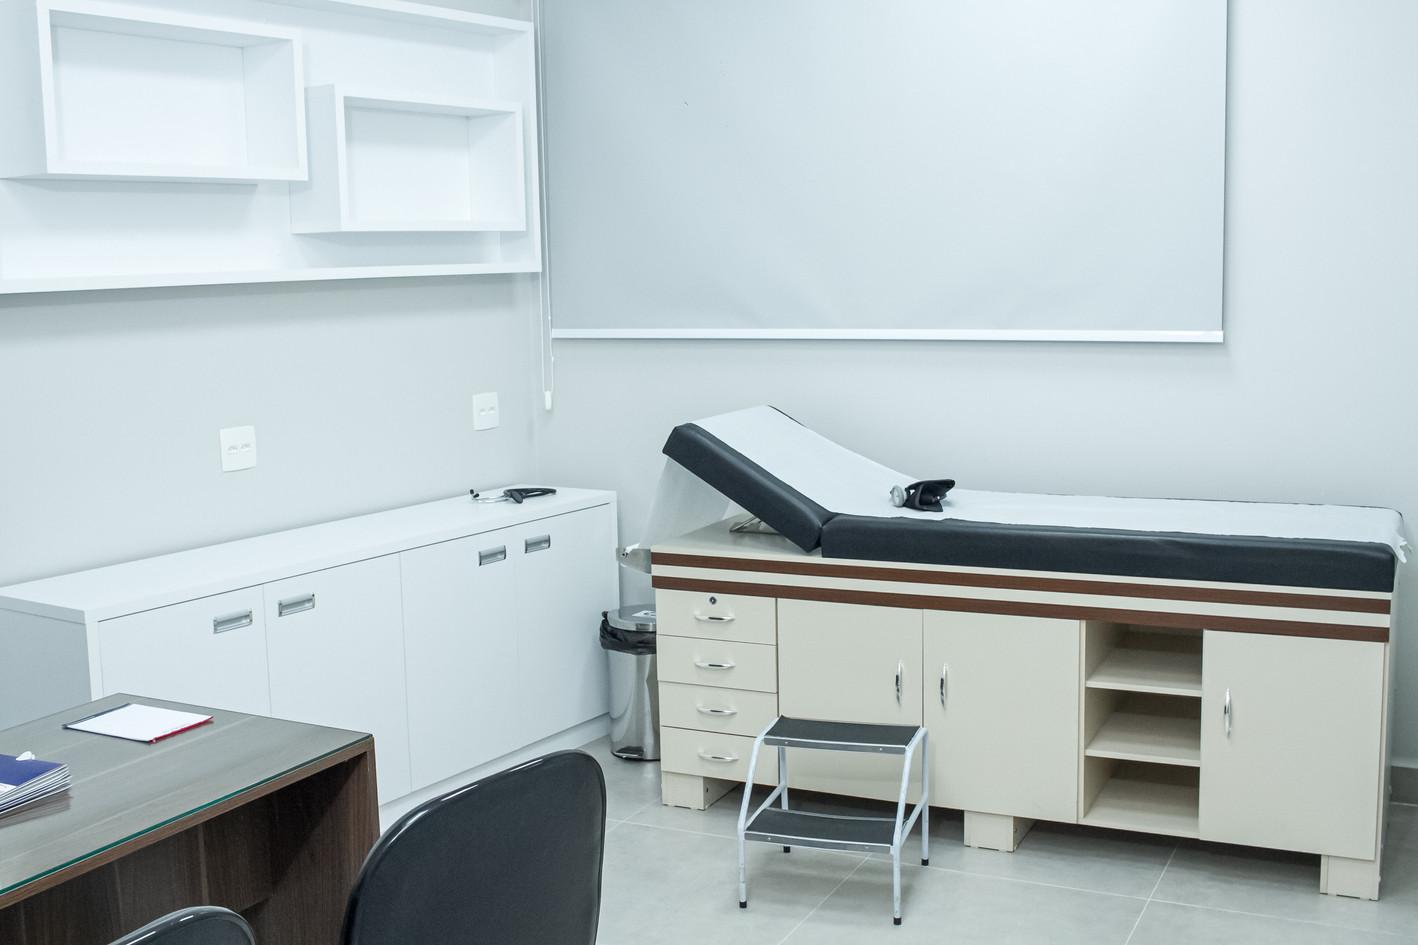 0002-CentroCor-Clinica-15052019-foto-sil